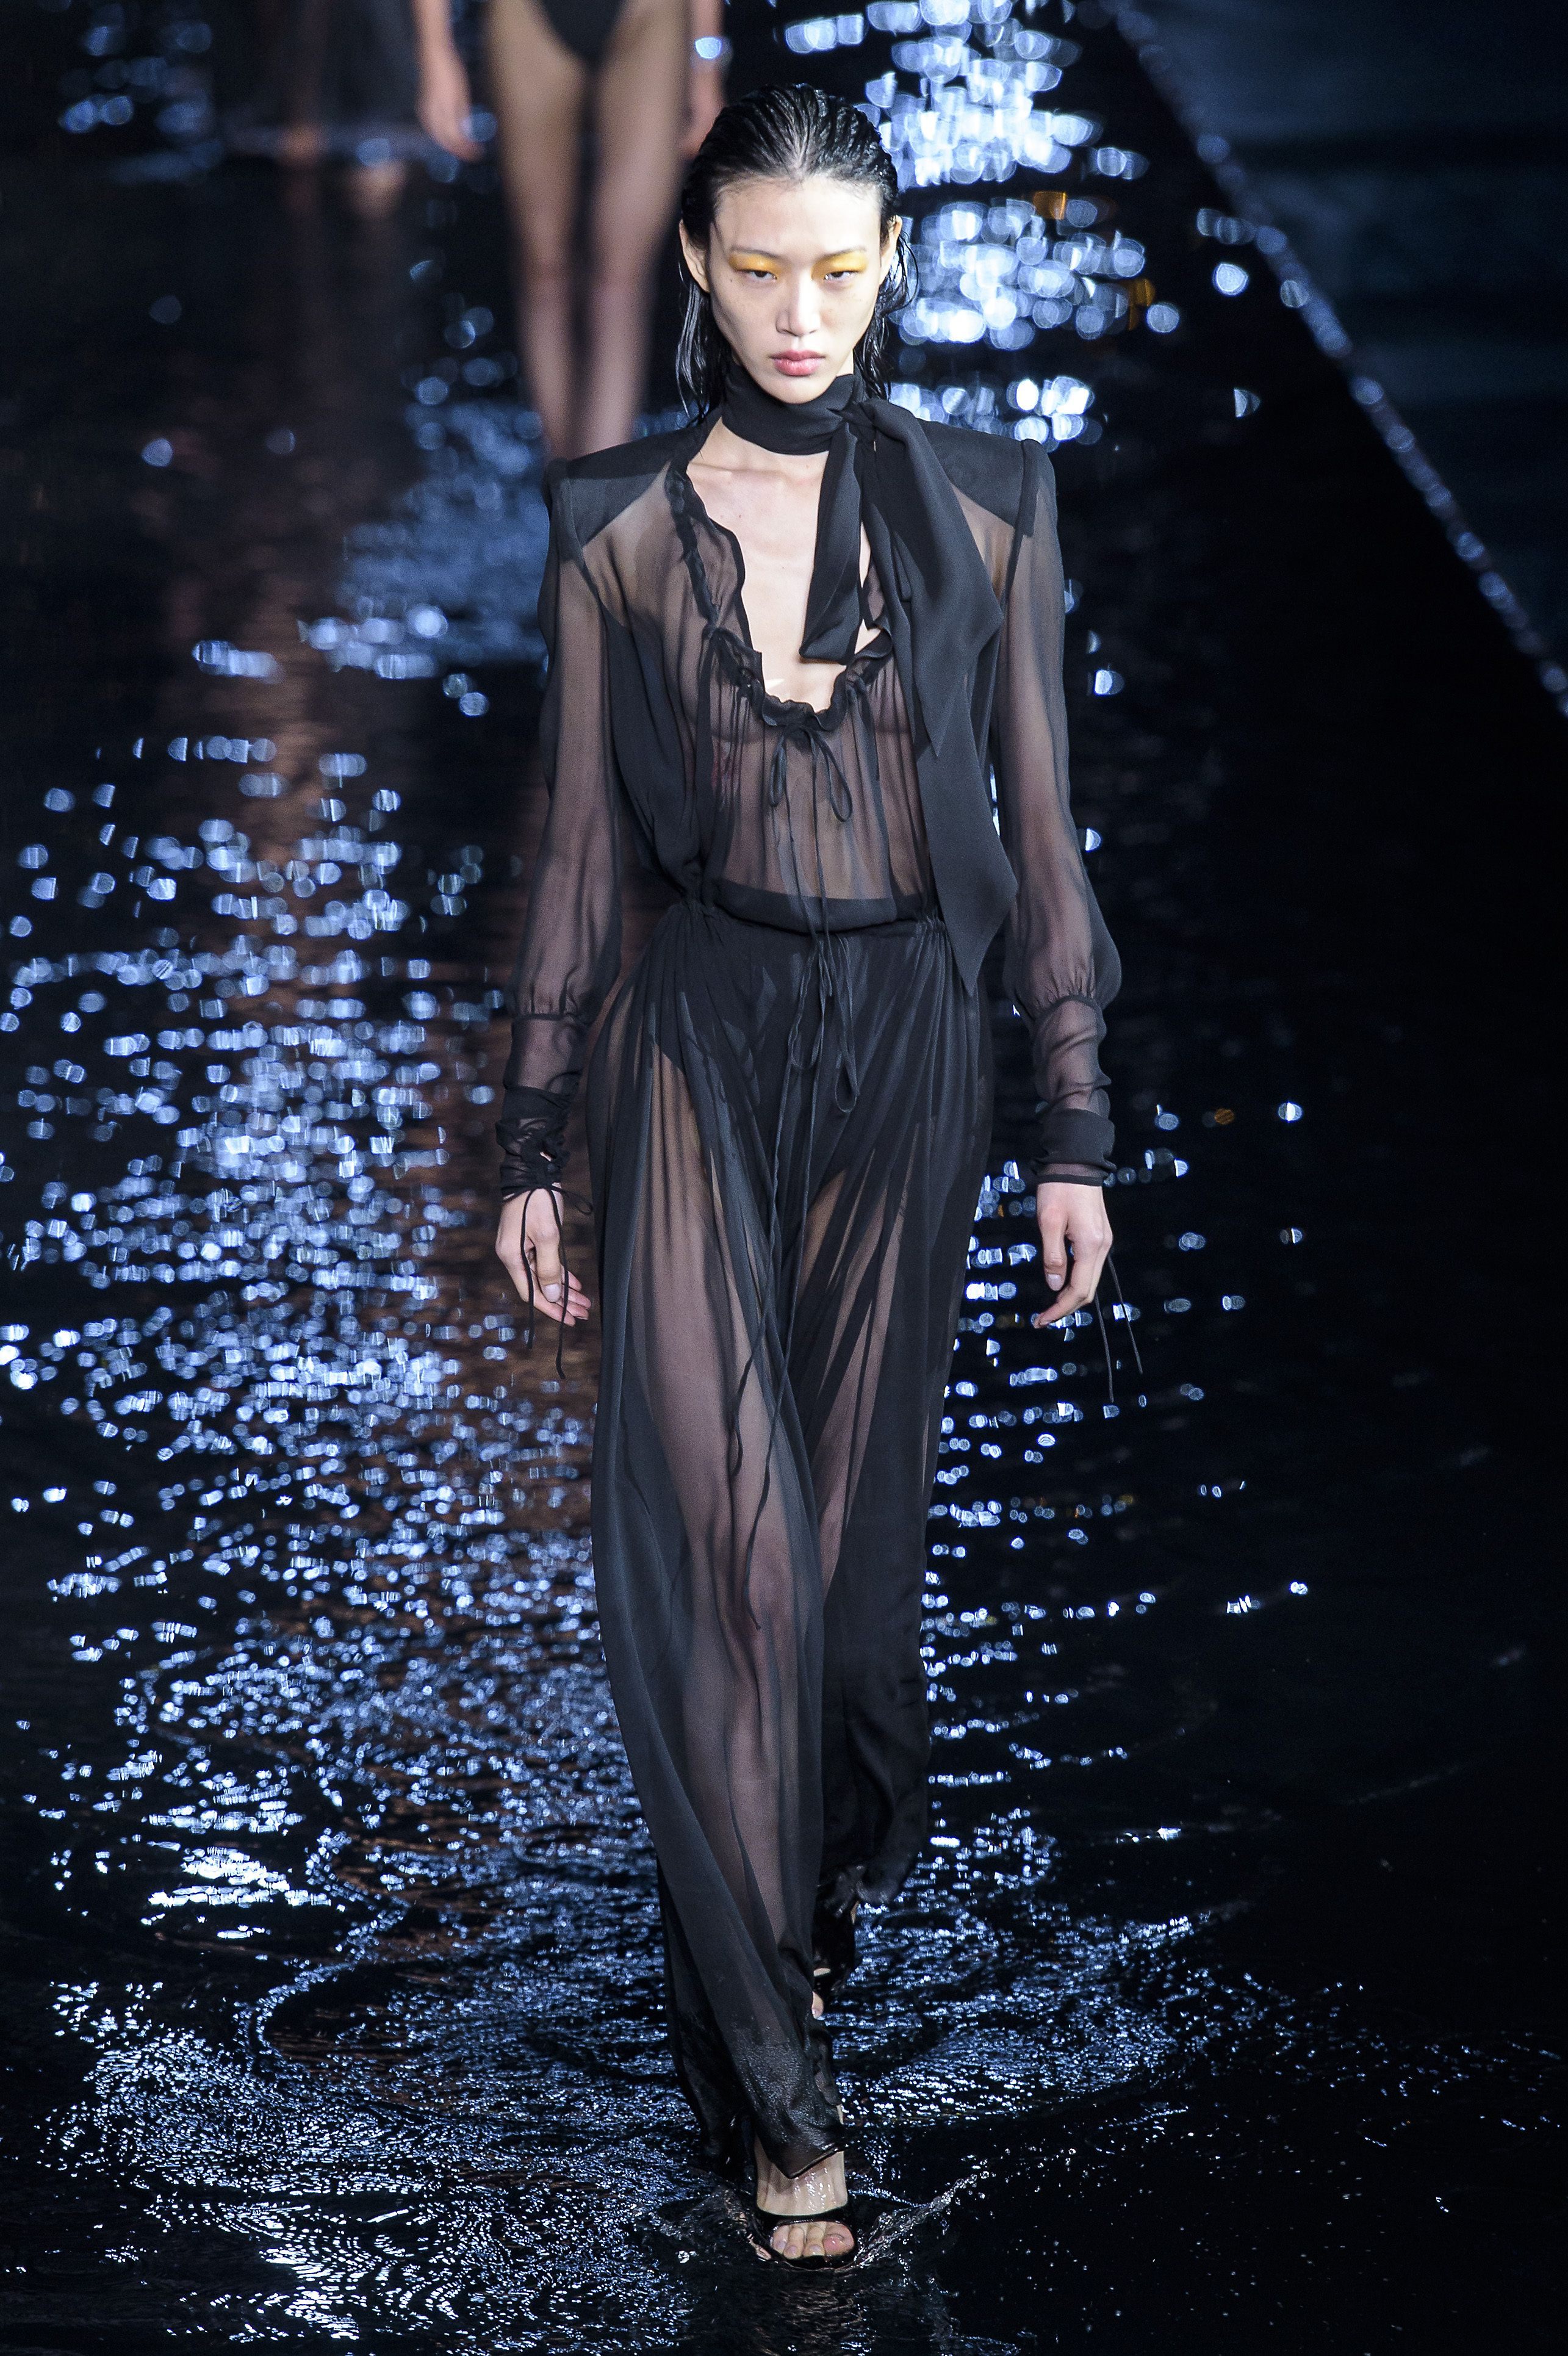 bd9ede606a8 Défilé Saint Laurent Prêt-à-porter printemps-été 2019 Femmes Womenswear  Saint Laurent